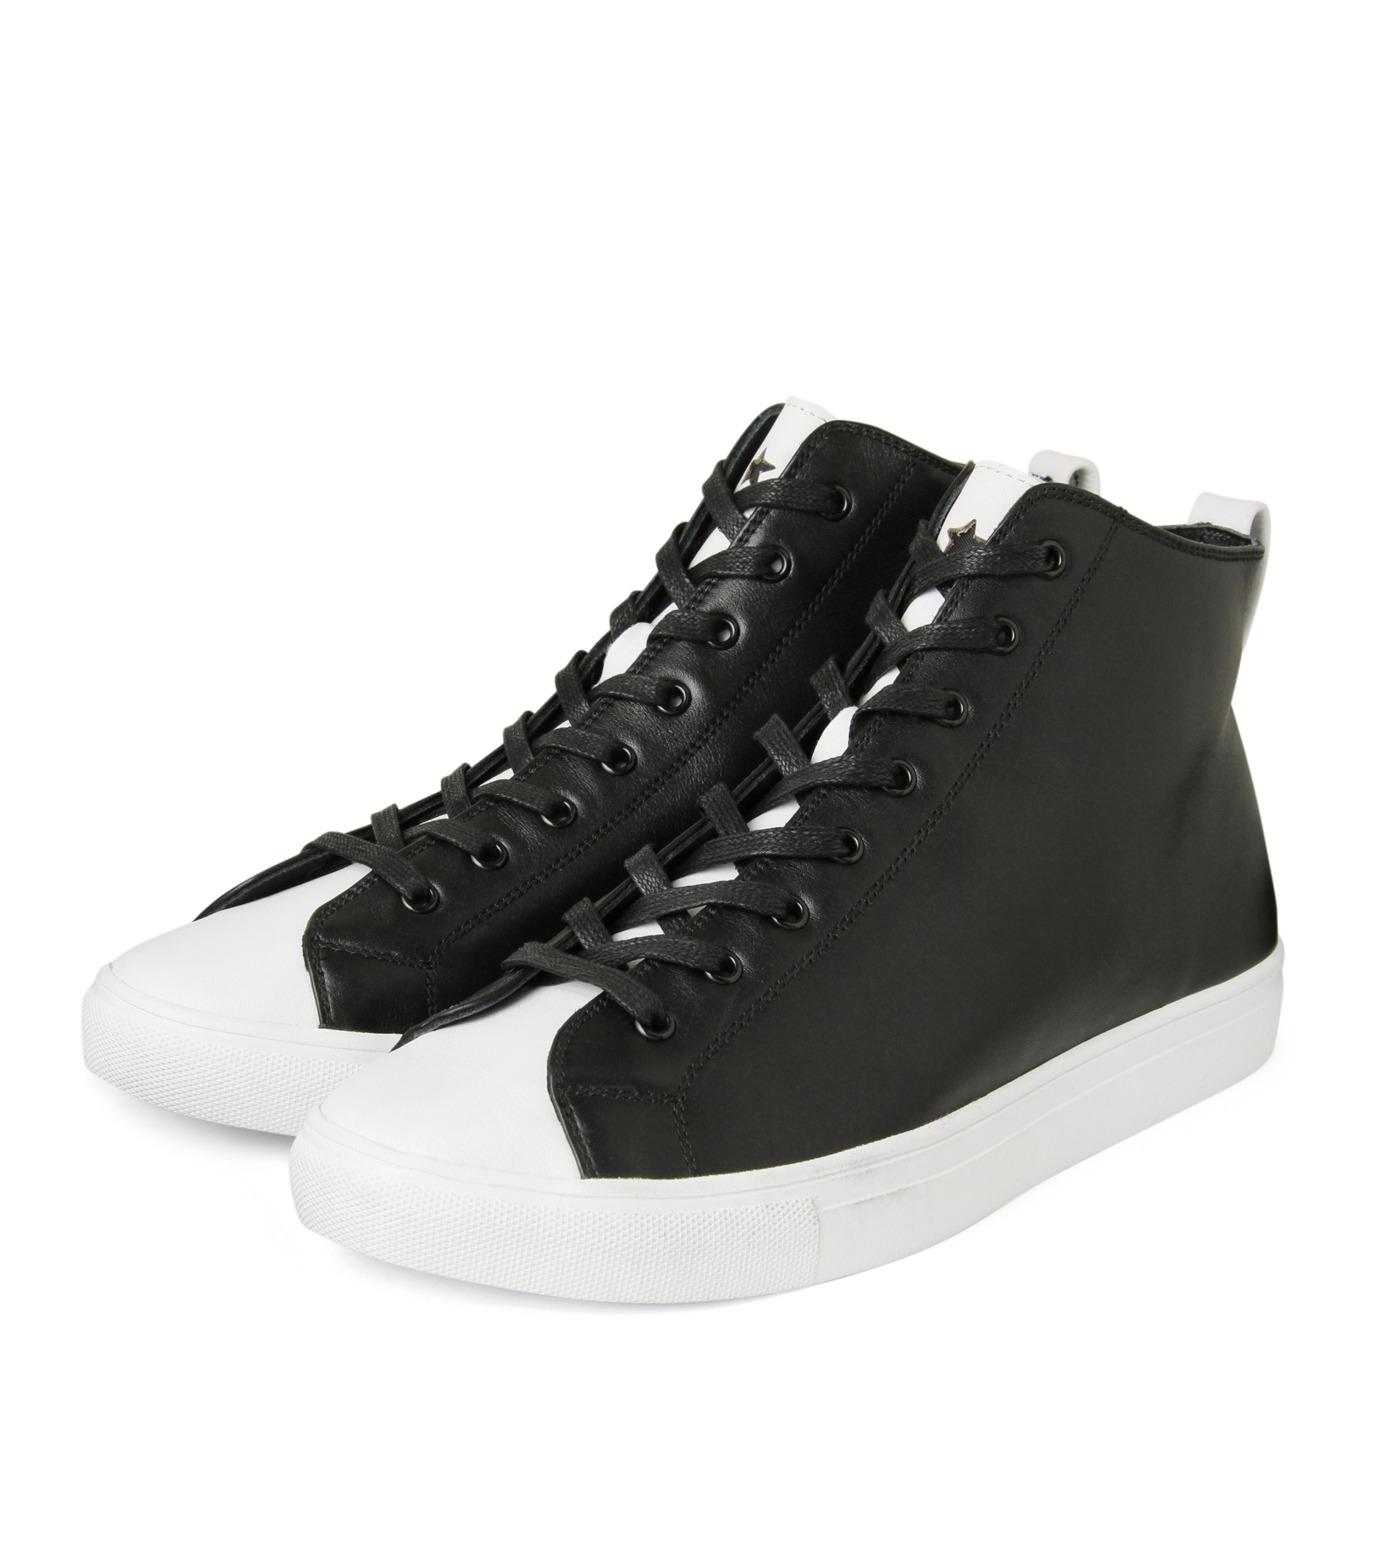 HL HEDDIE LOVU(エイチエル・エディールーヴ)のHL Zip Sneaker-BLACK(スニーカー/sneaker)-17S90001-13 拡大詳細画像4